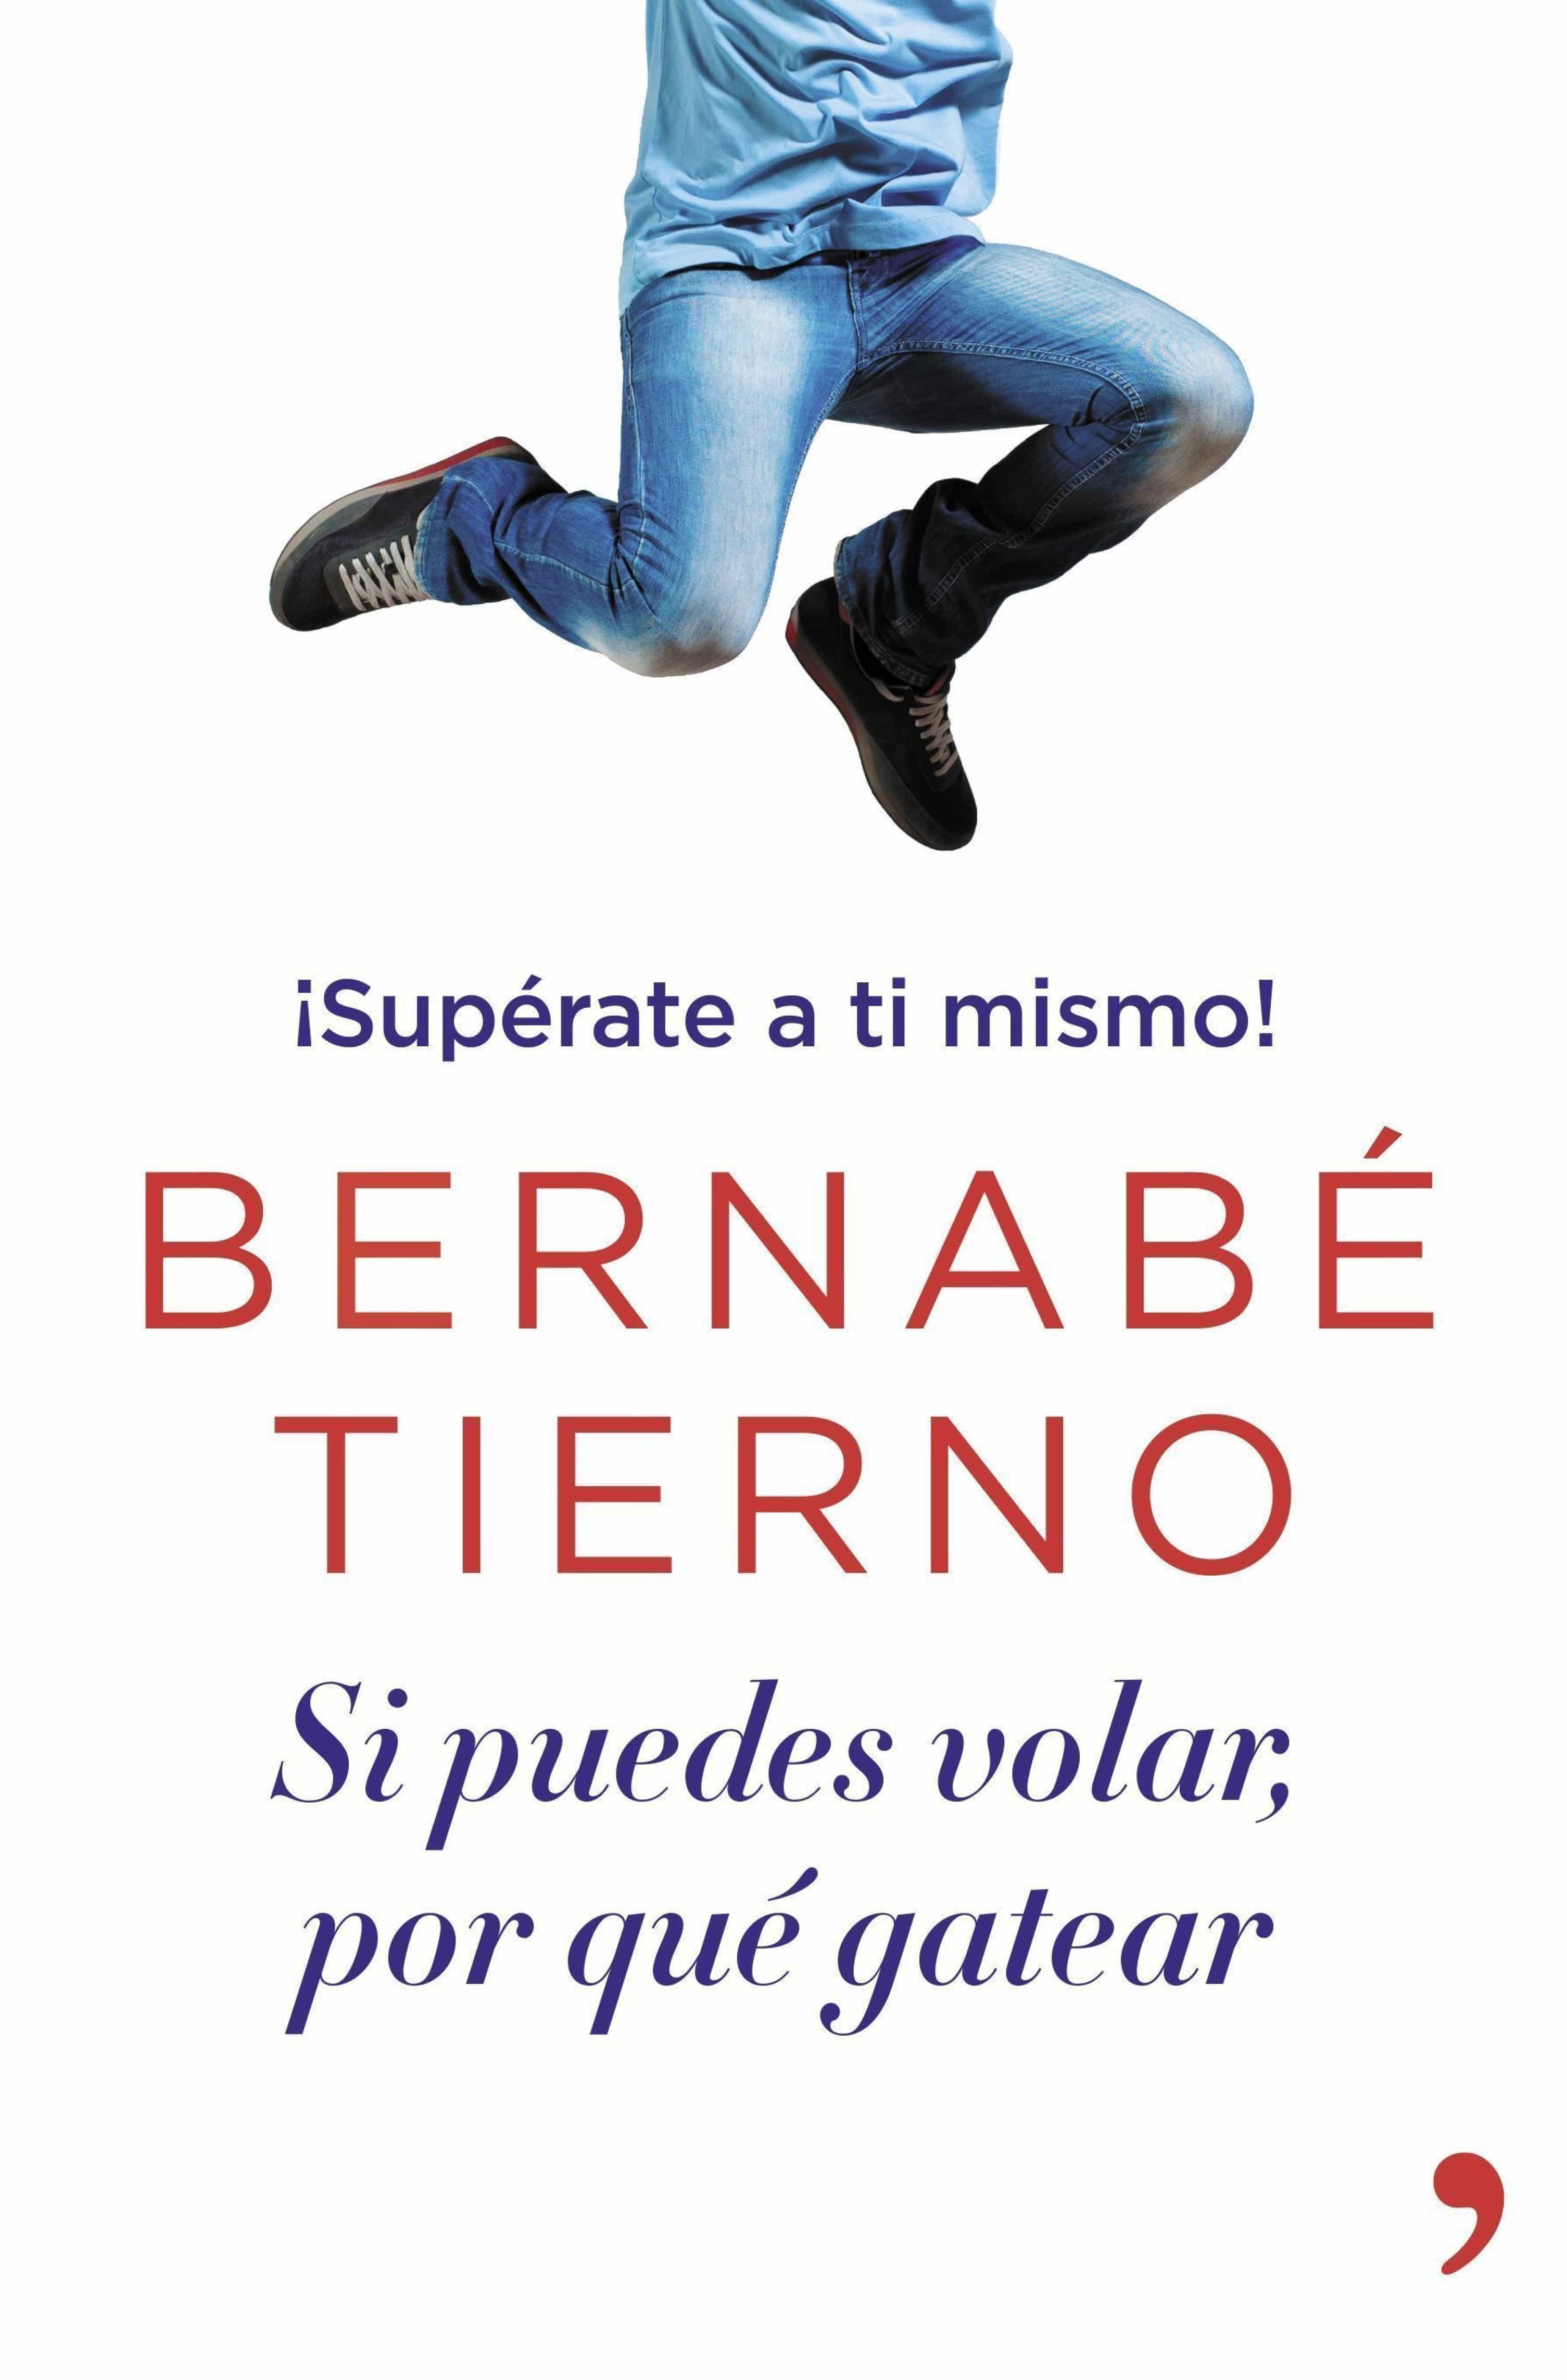 Si Puedes Volar, Por Qué Gatear   por Bernabe Tierno